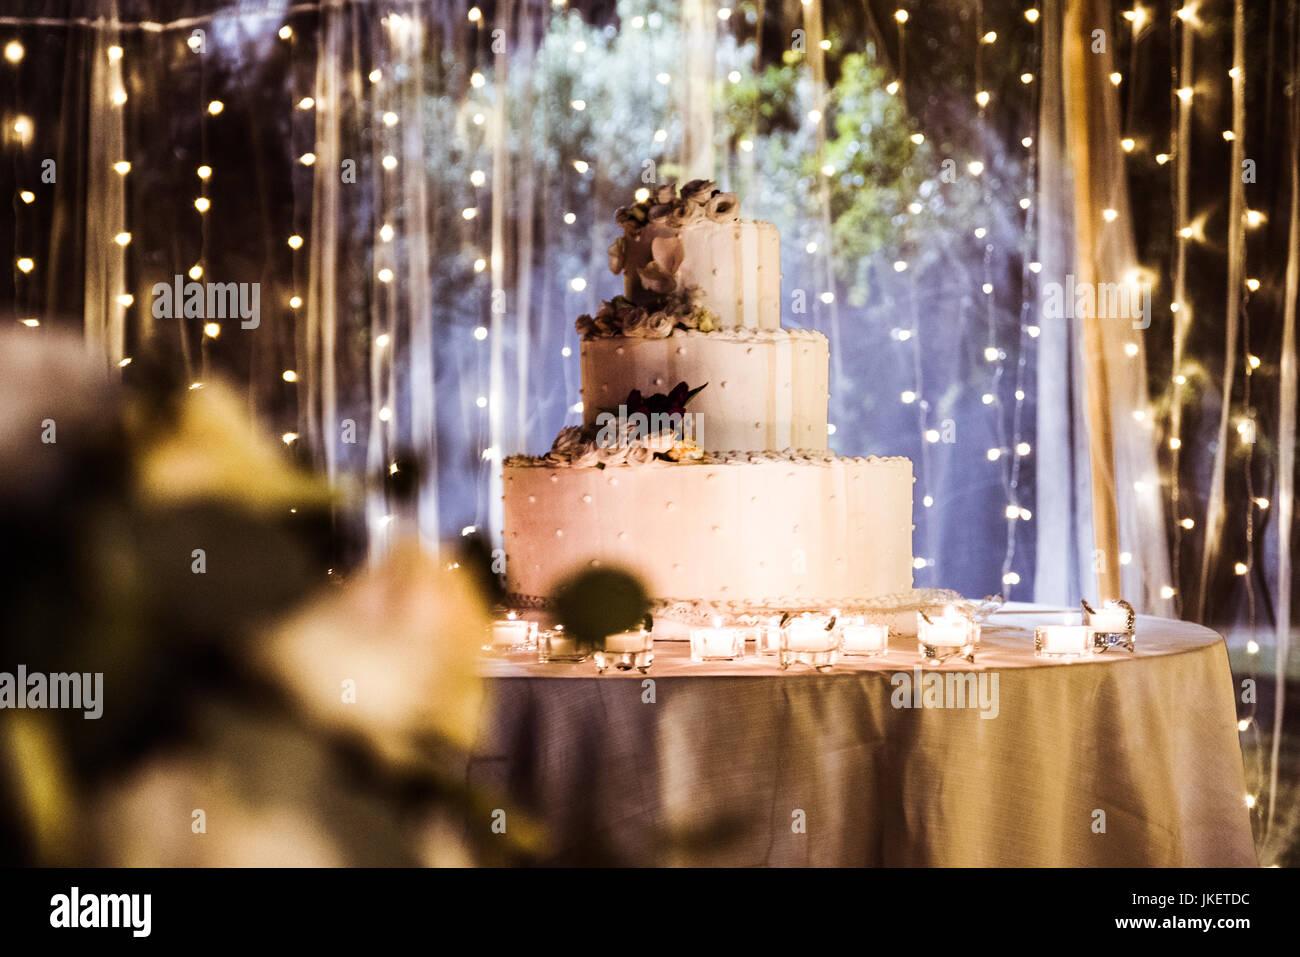 Hochzeitstorte Ideen Stockfotos Hochzeitstorte Ideen Bilder Alamy